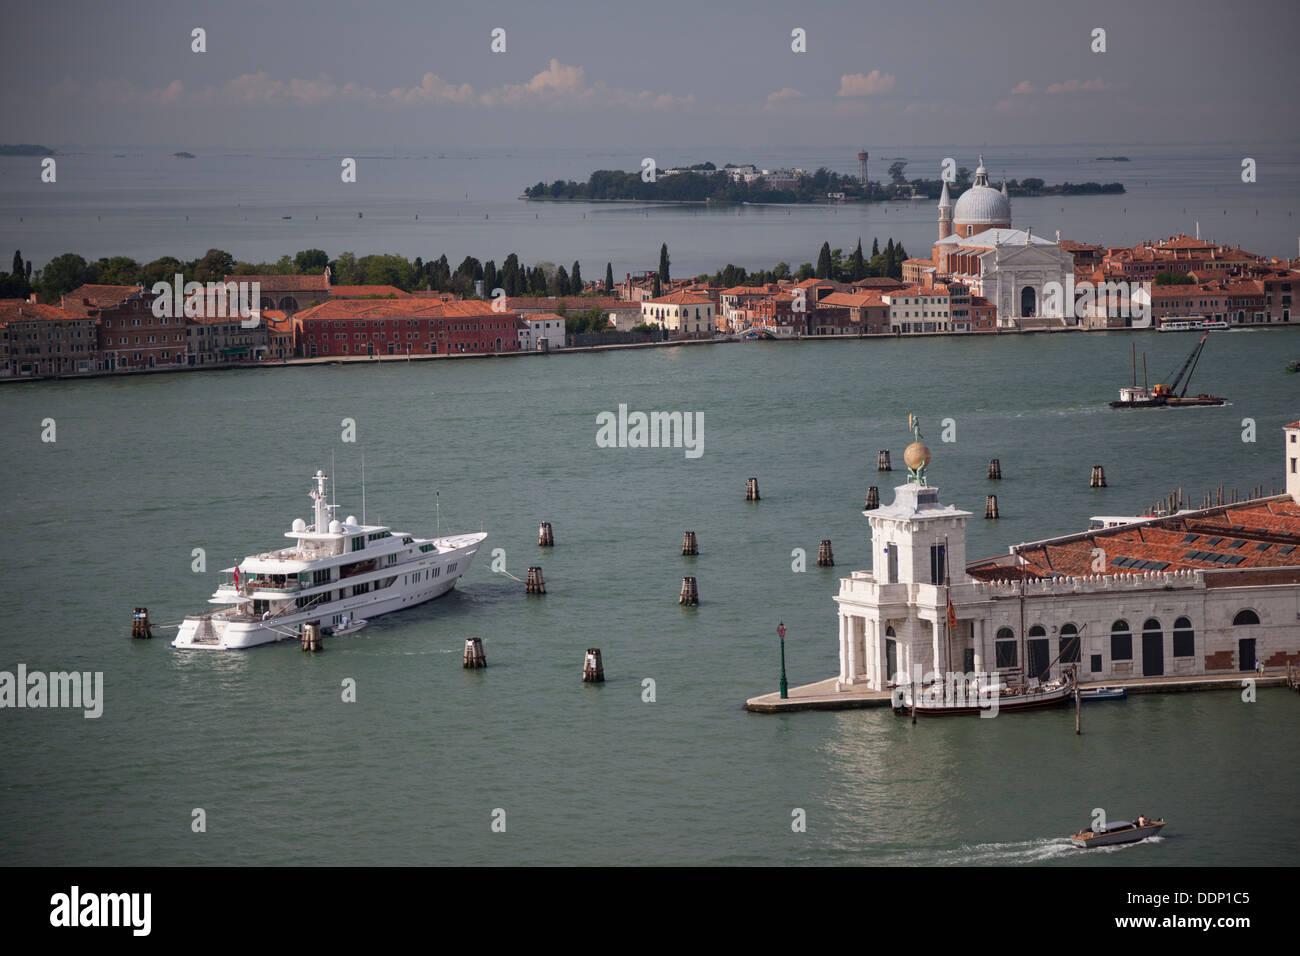 À Venise, un high angle shot sur la Basilique Sainte Marie de la santé, la pointe de la douane et de l'extrémité sud du Grand Canal. Photo Stock